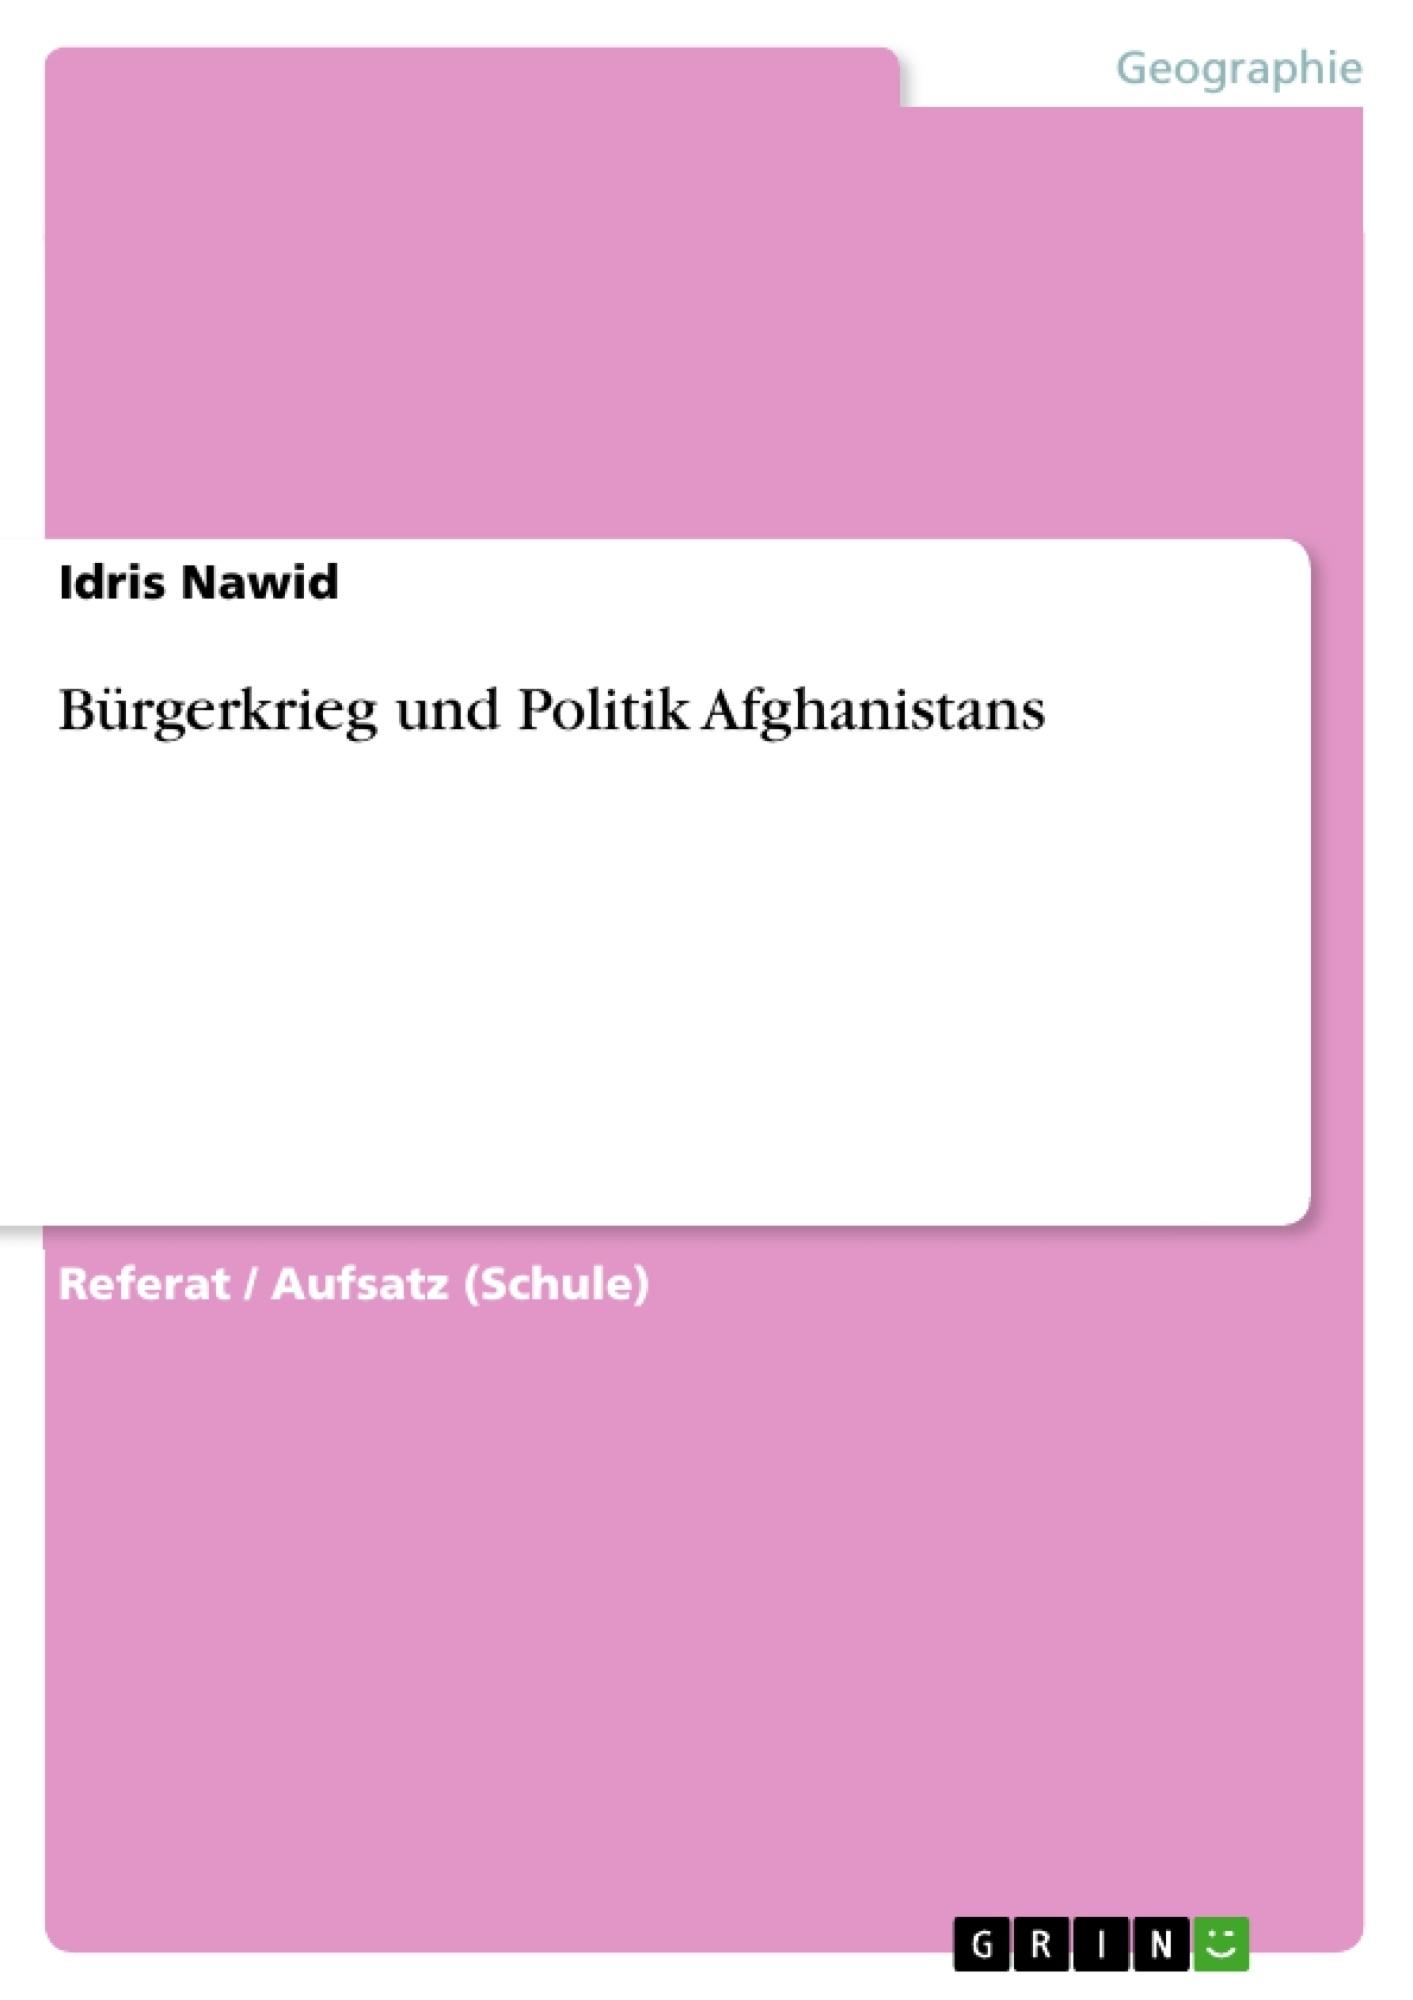 Titel: Bürgerkrieg und Politik Afghanistans